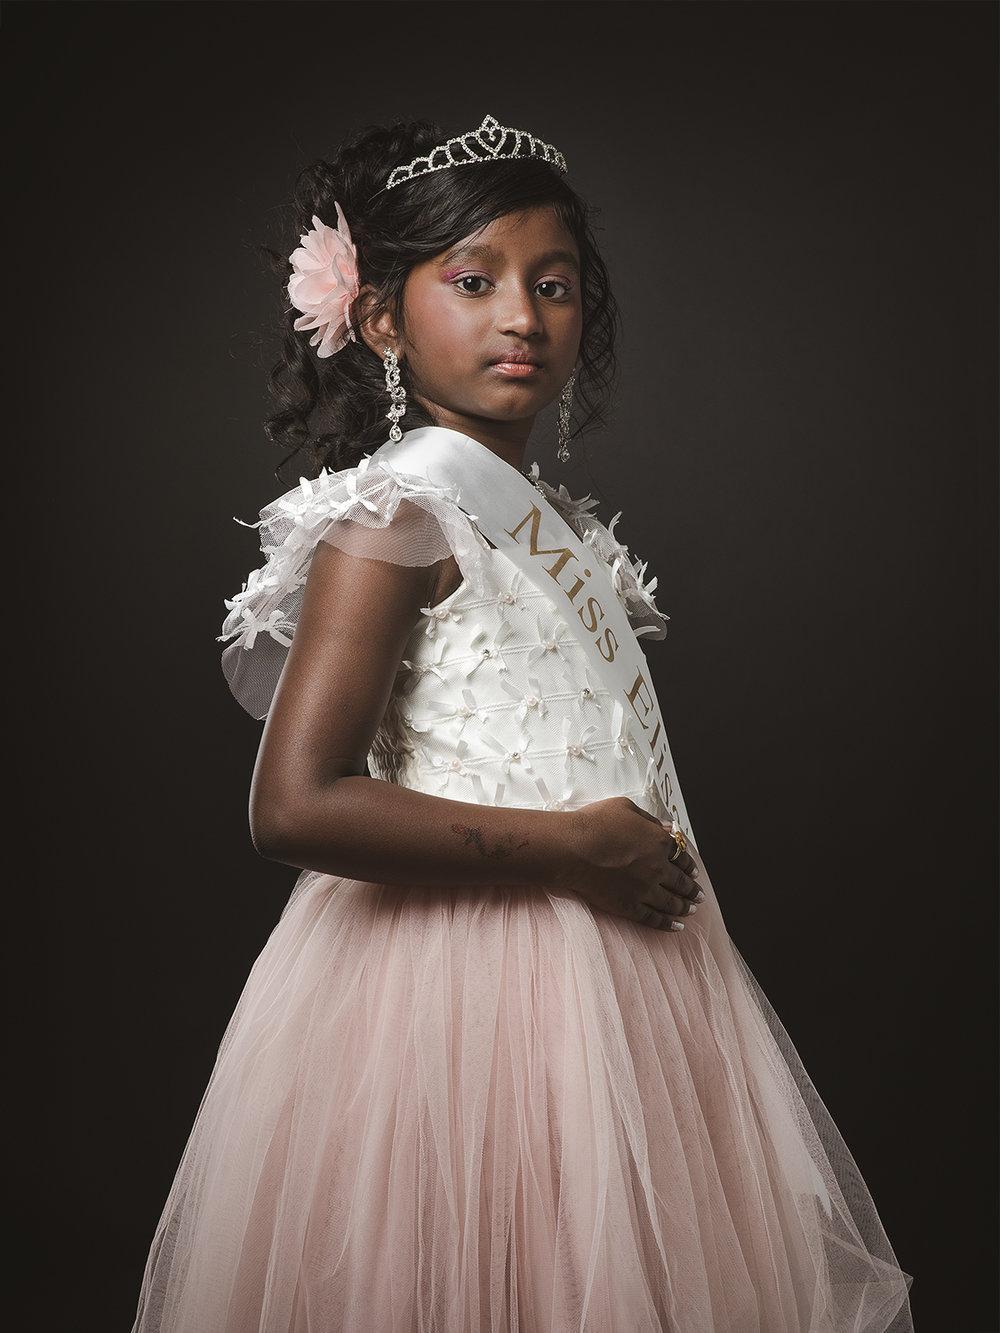 Elisa, aged 8